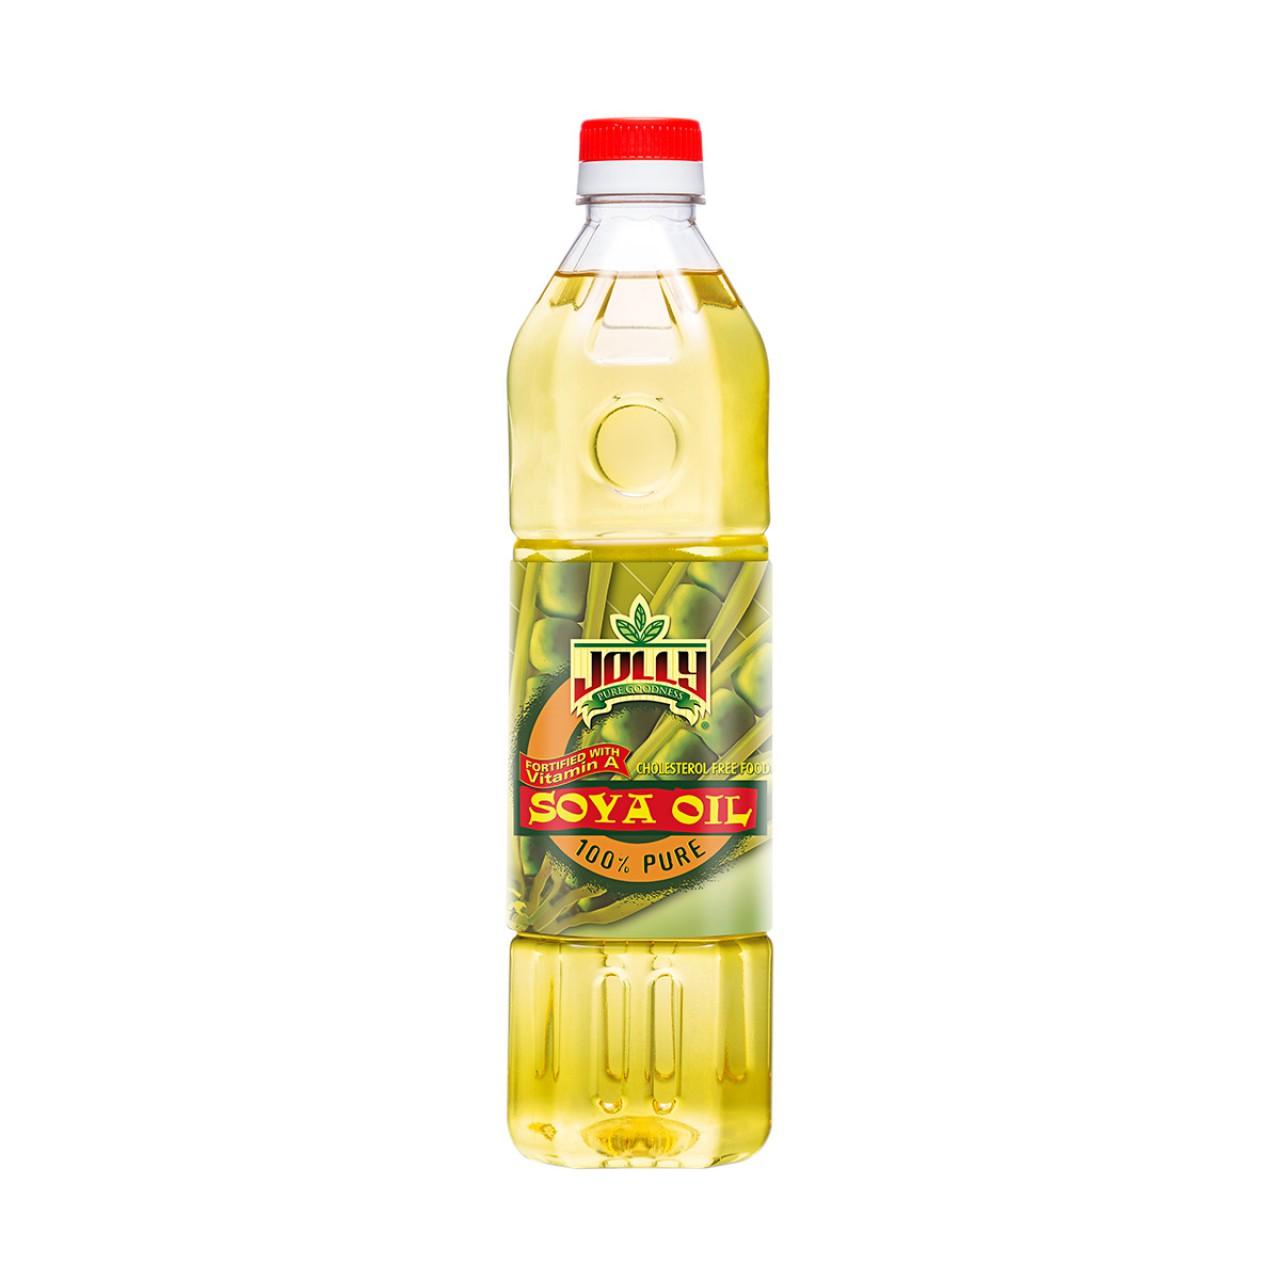 JOLLY SOYA OIL 1L